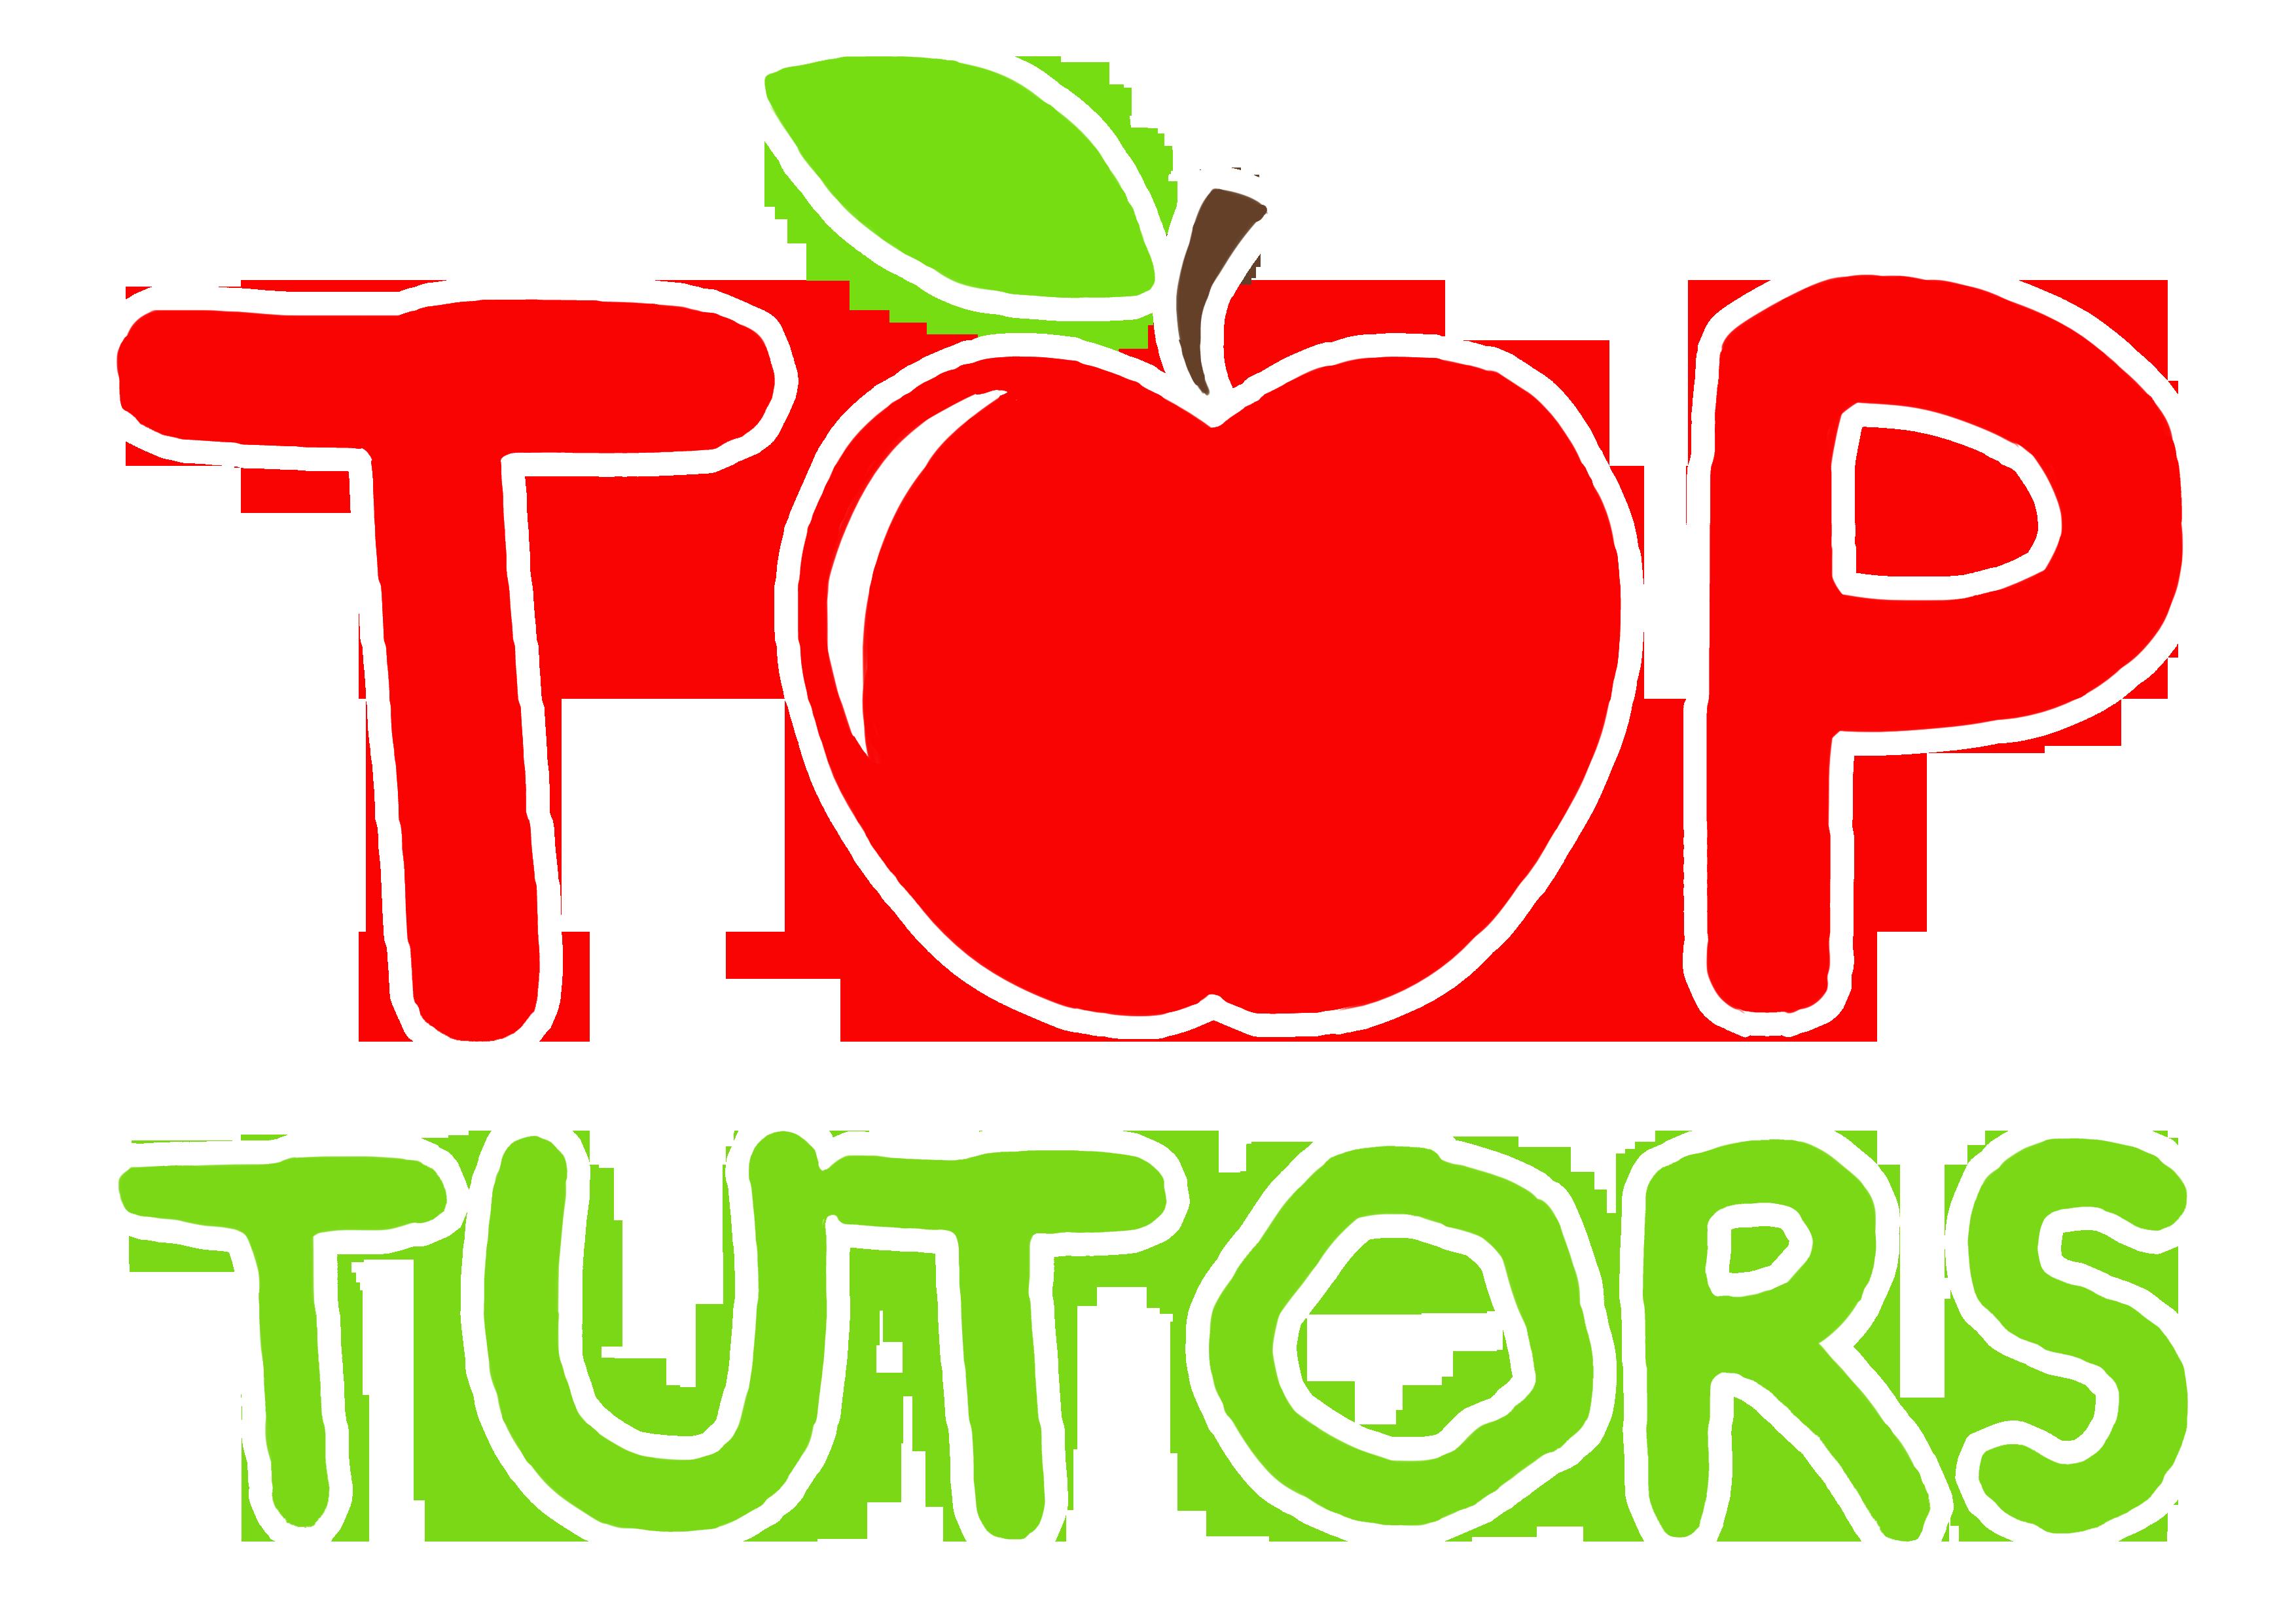 Top tutors png logo. Statistics clipart accounting